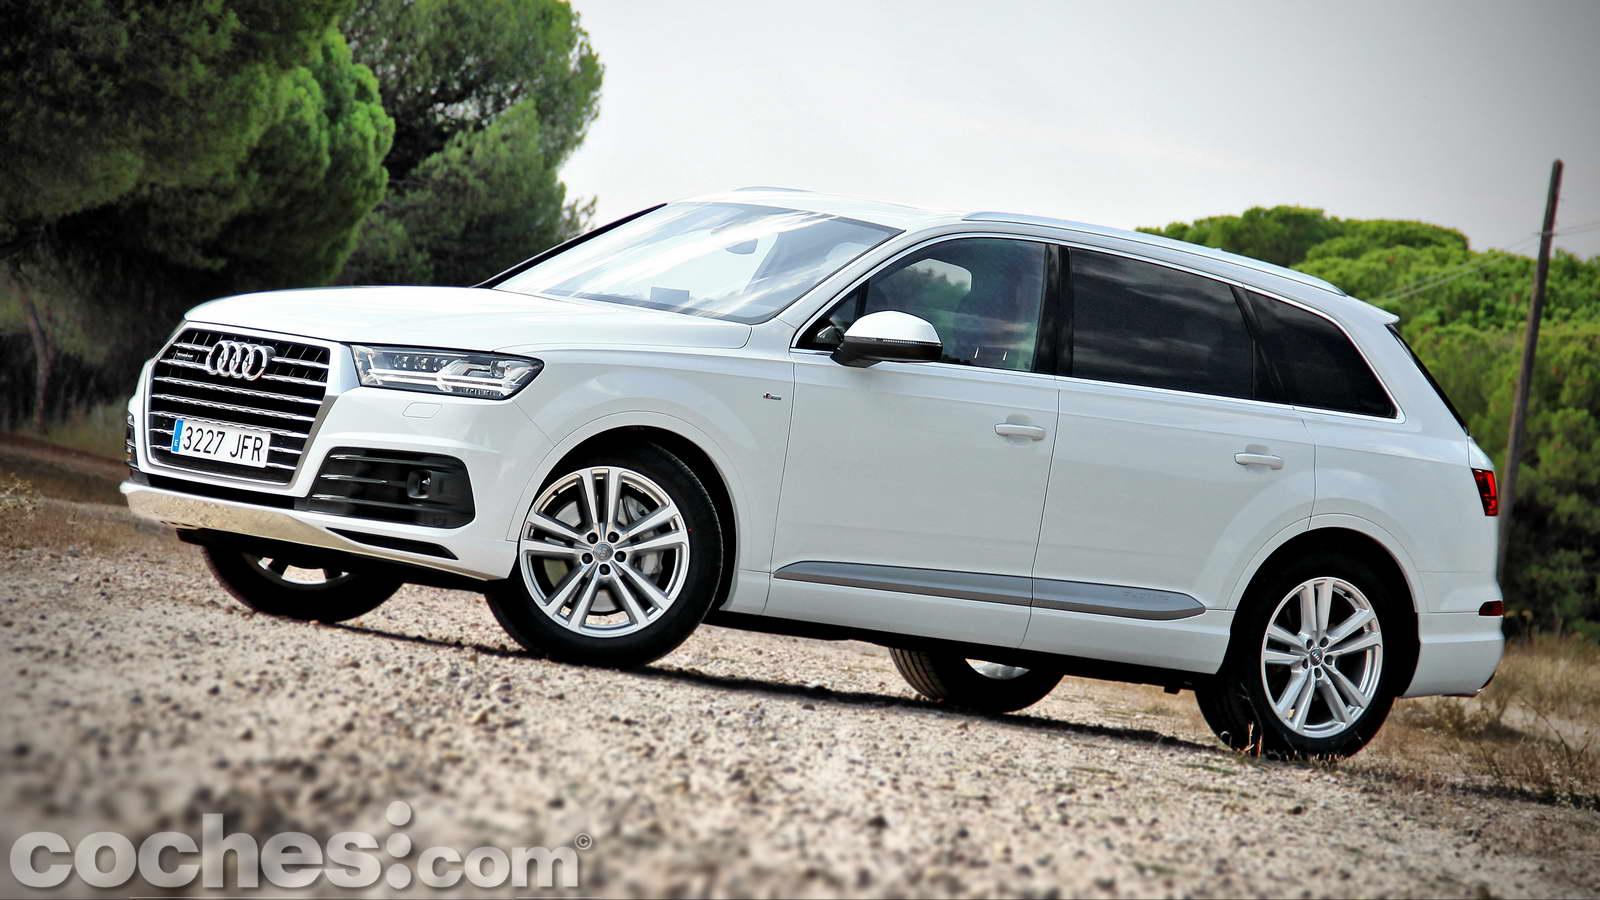 Audi_Q7_3.0TDI_quattro_001